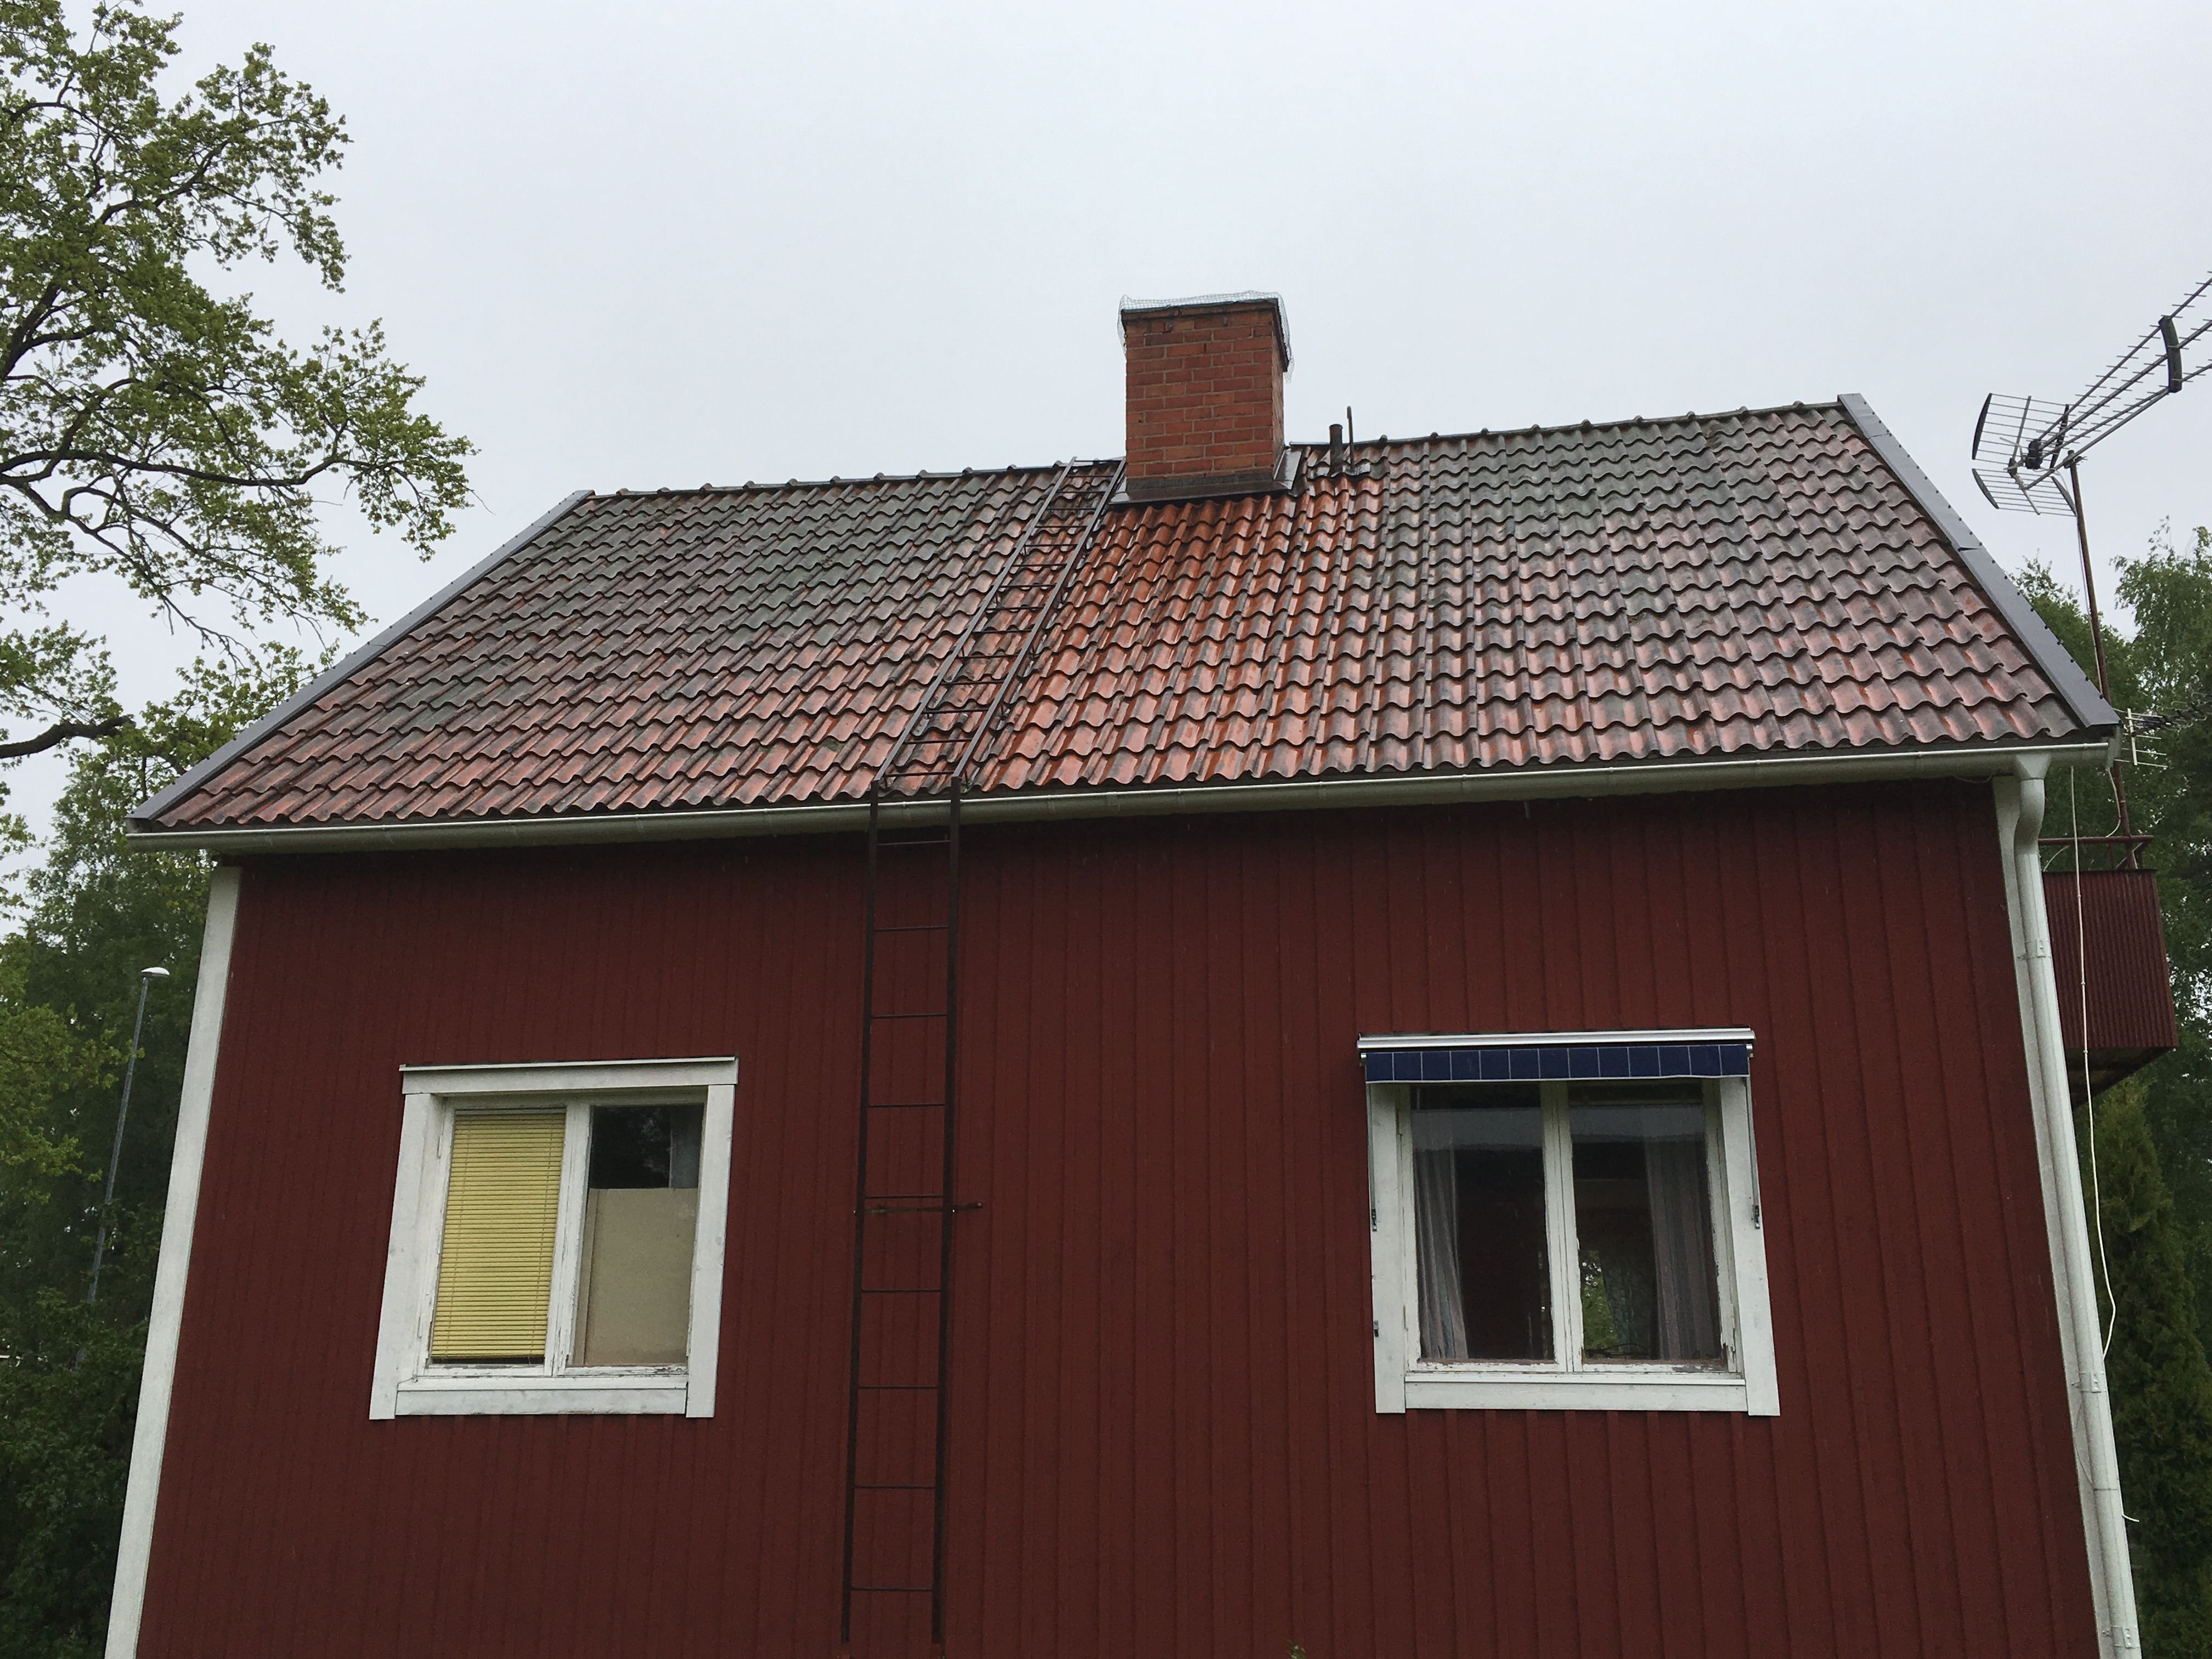 """Referensjobb """"tegel tak """" utfört av LS Tak Sverige AB"""